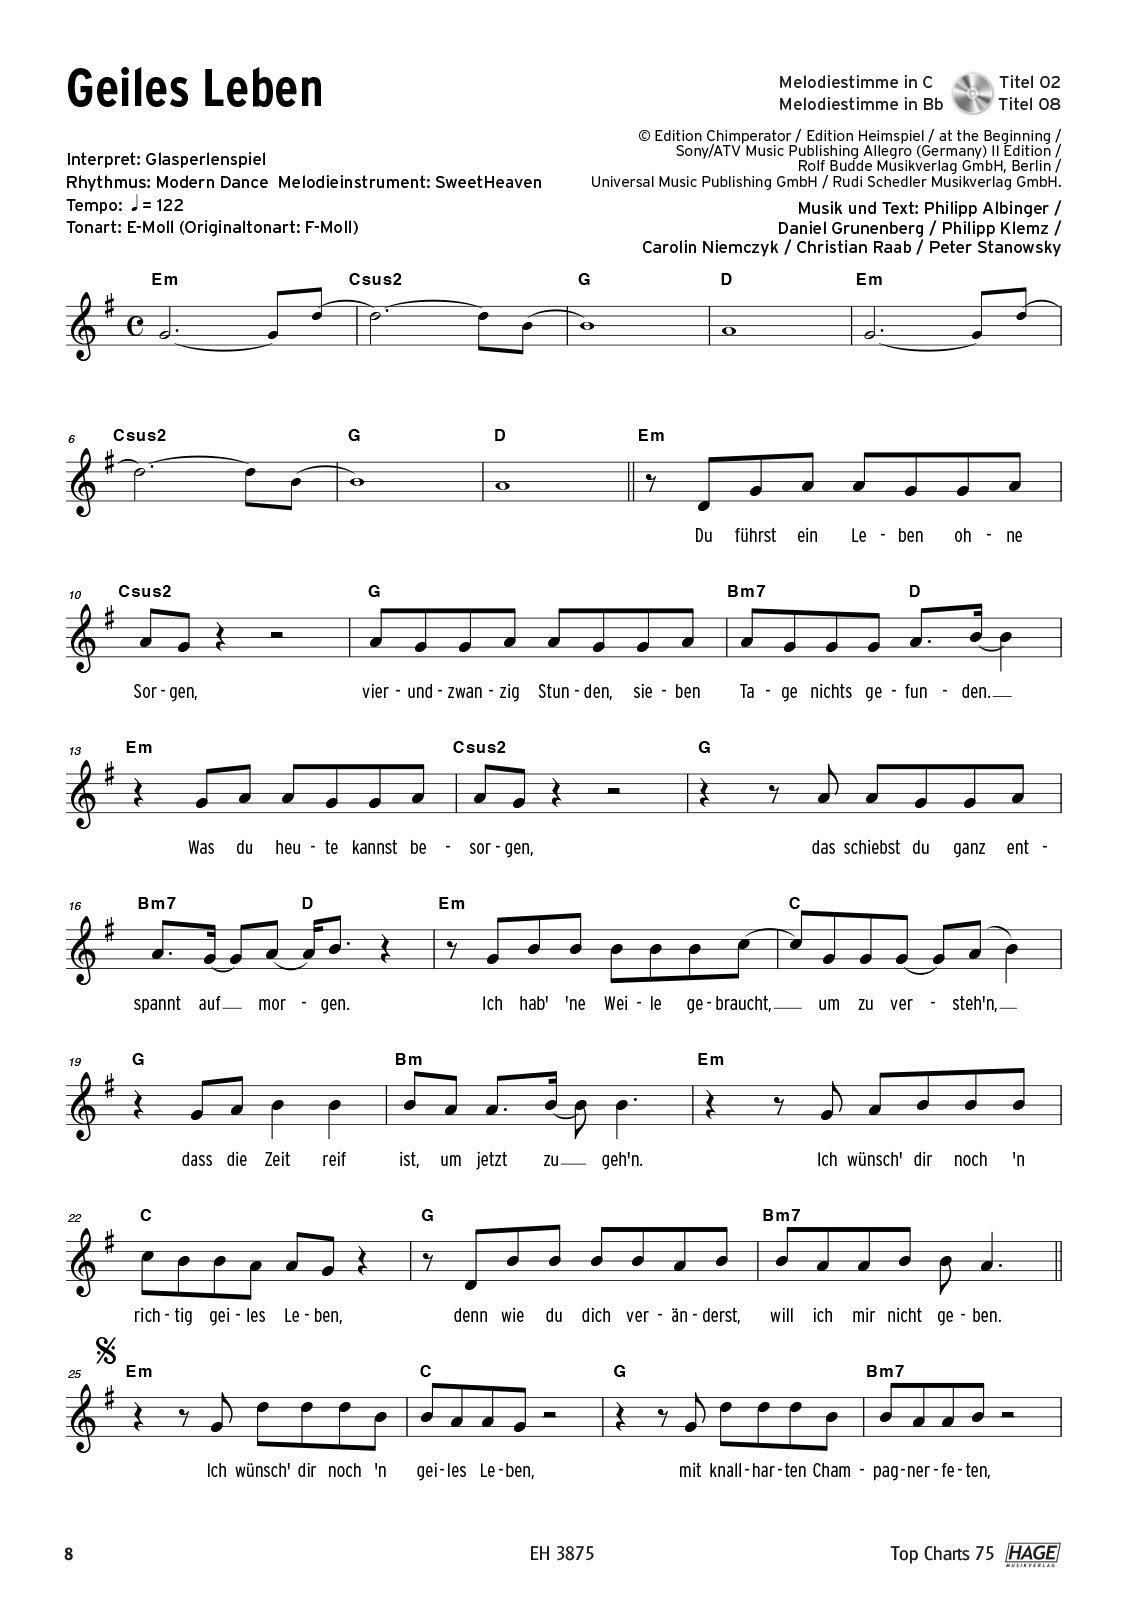 Songtext geiles leben